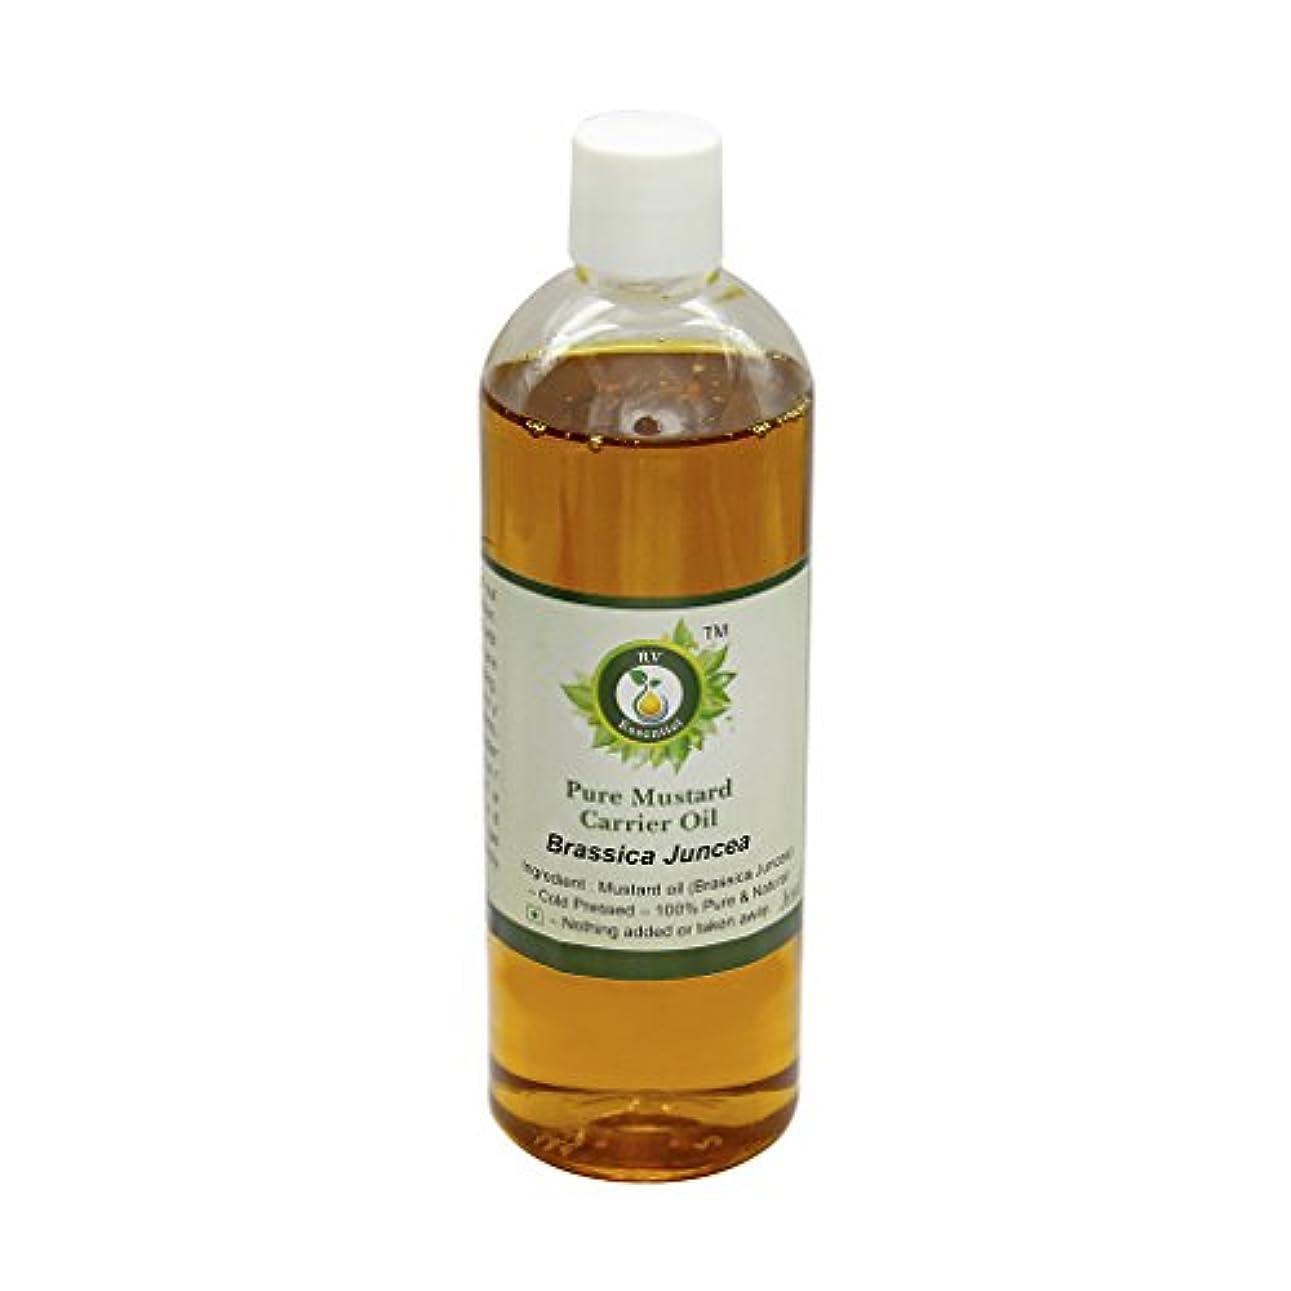 拮抗する同化バクテリアR V Essential 純粋なマスタードキャリアオイル100ml (3.38oz)- Brassica Juncea (100%ピュア&ナチュラルコールドPressed) Pure Mustard Carrier Oil